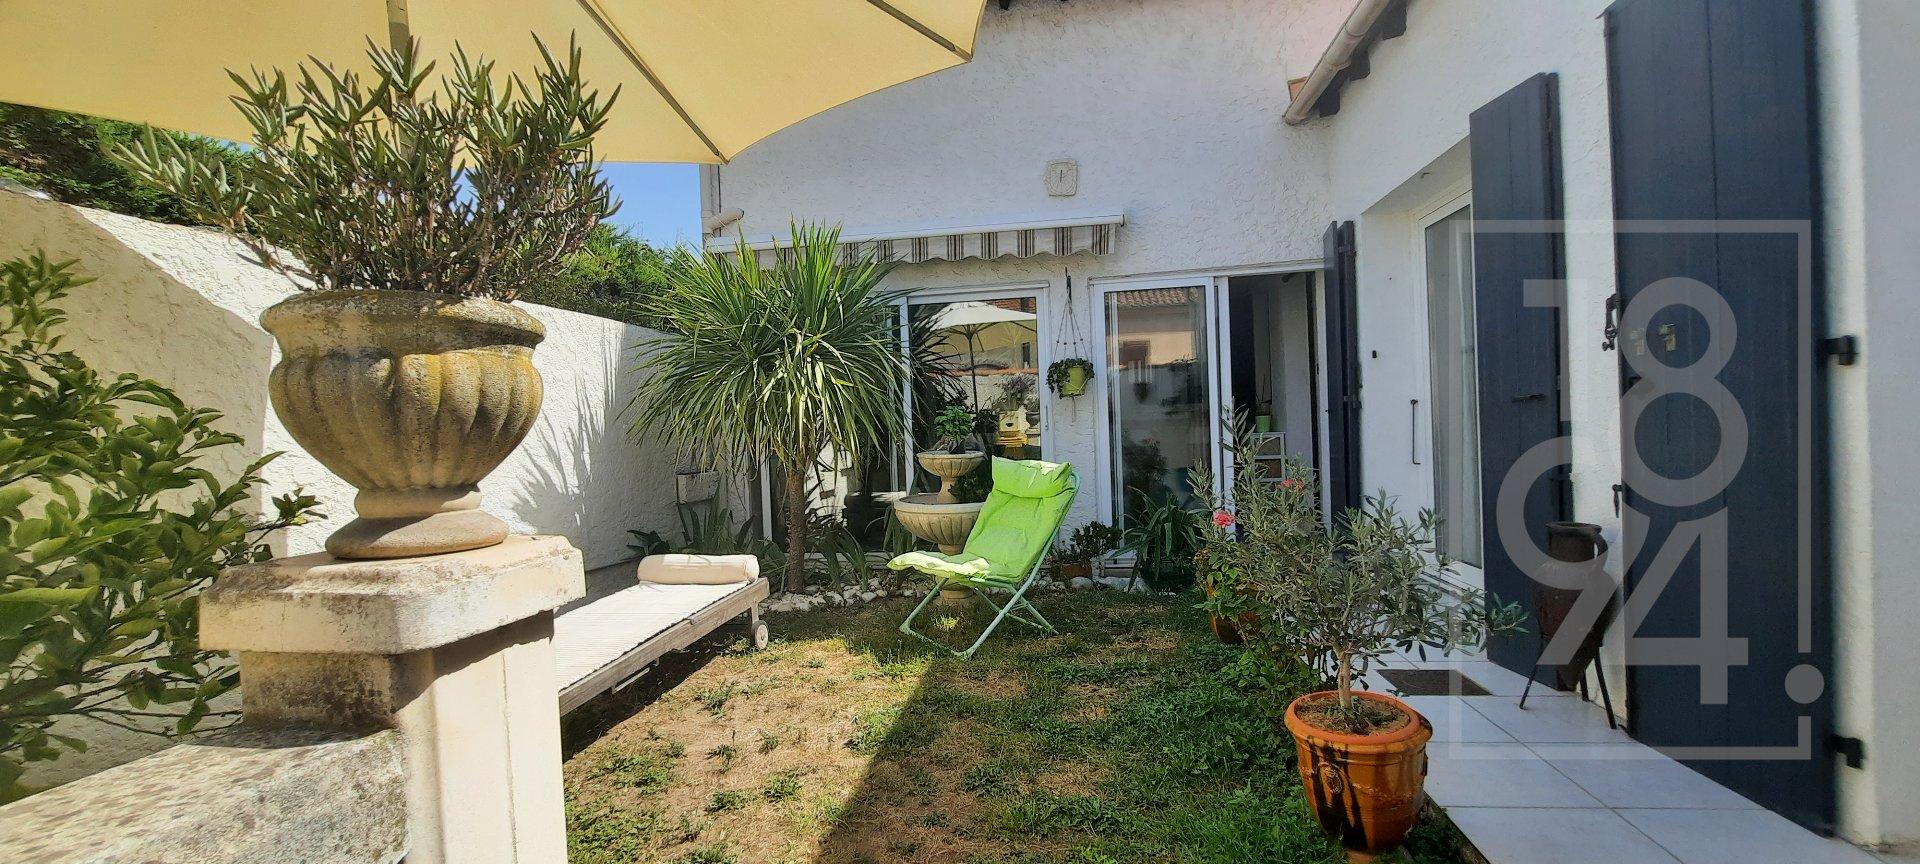 Maison de ville 4 P d'environ 90 m² avec jardinet et garage à Marseille (10e arrdt)